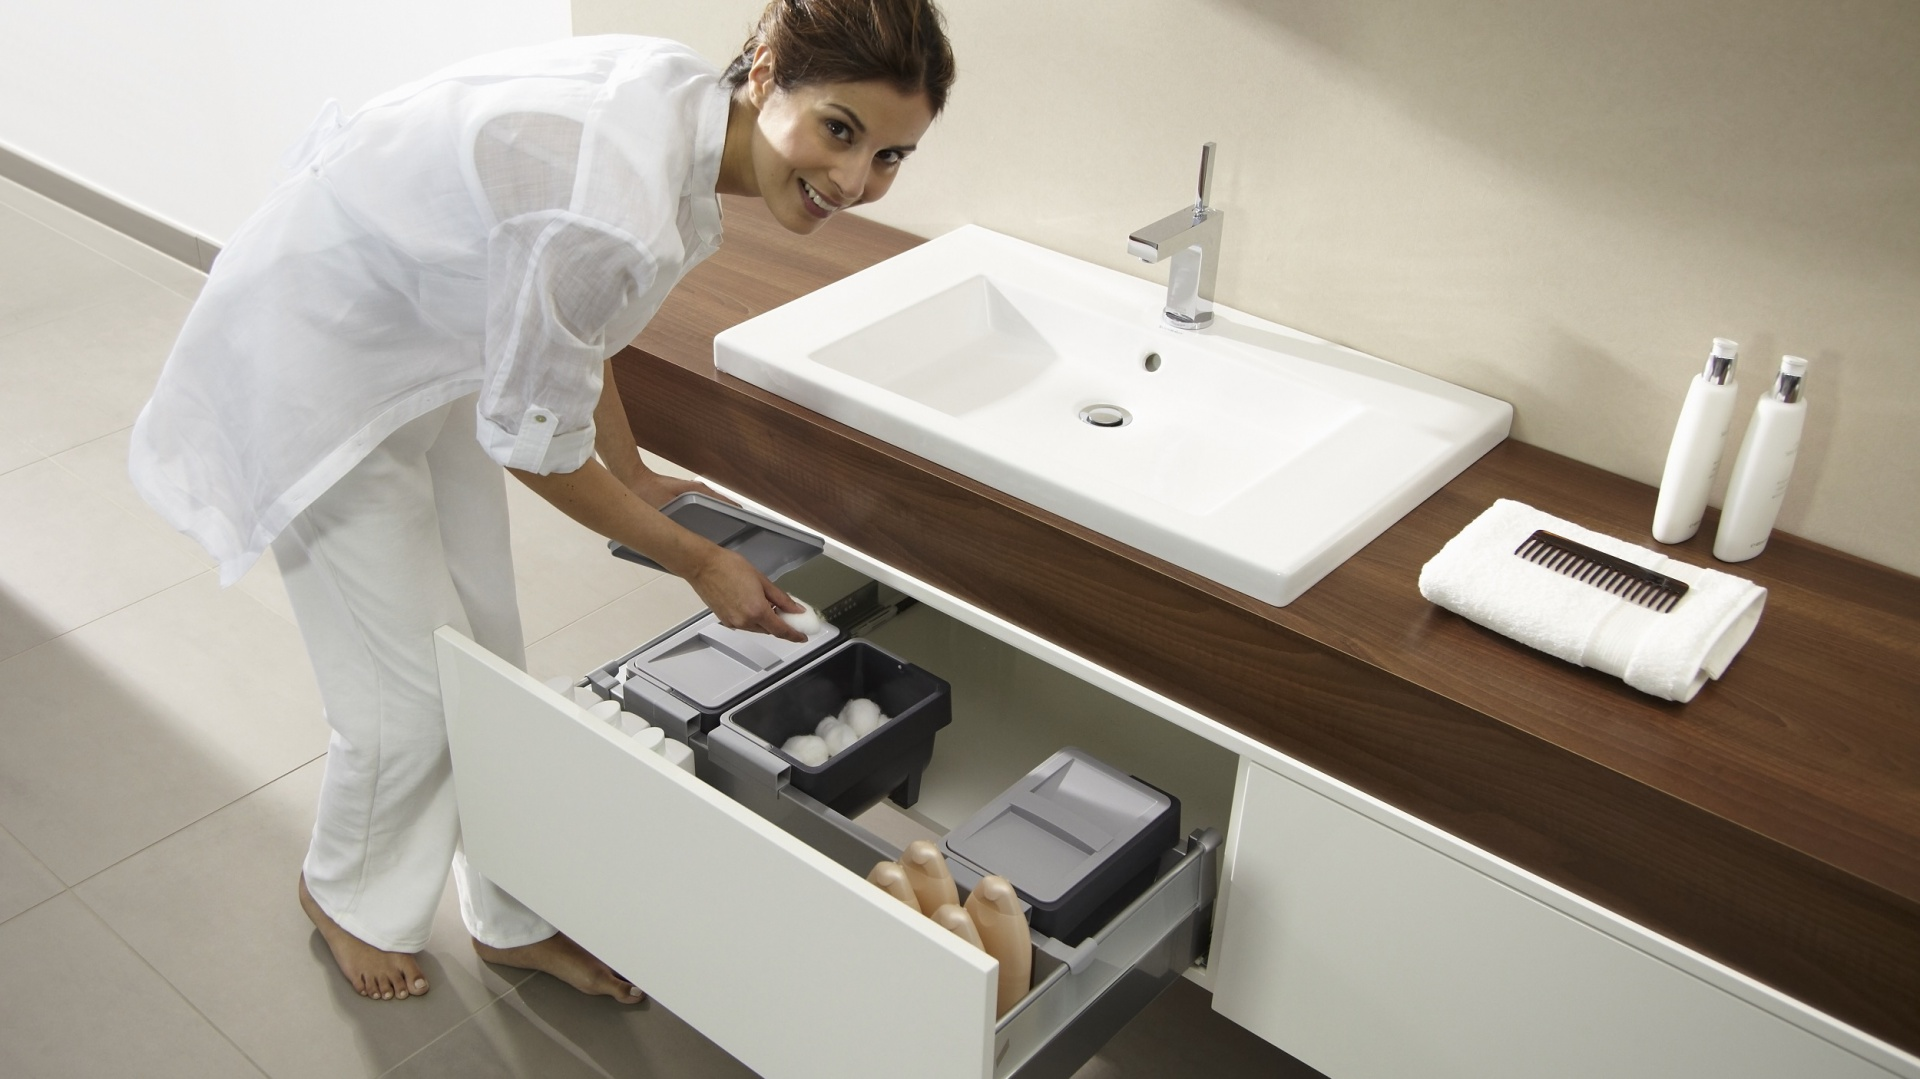 łazienka Bez Bałaganu 12 Pomysłów Na Szuflady I Carga